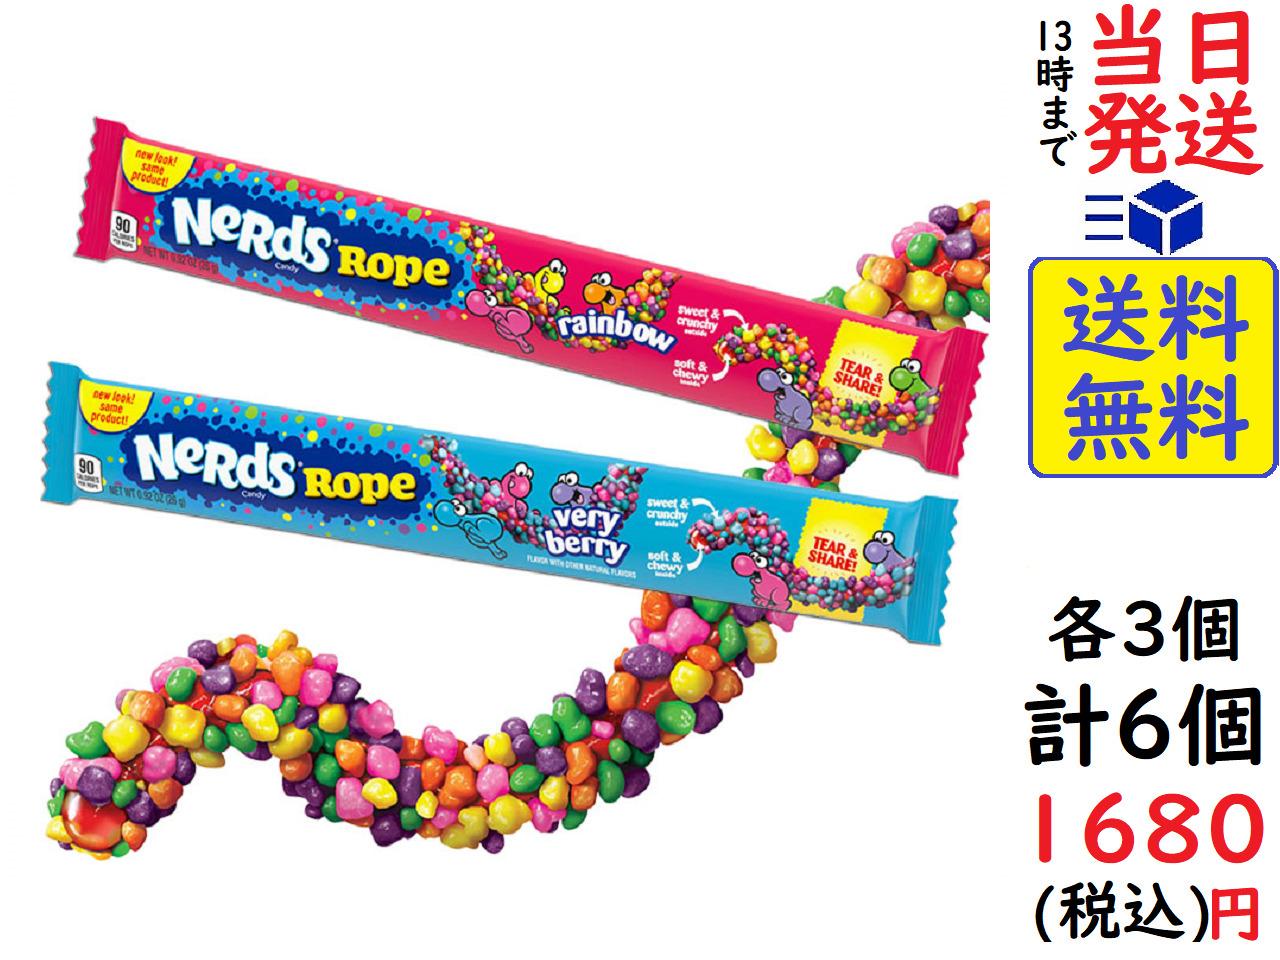 【送料無料】【当日発送】【ポスト投函】 Wonka Rainbow Nerds Rope レインボーナーズロープキャンディ 26g x3袋 ベリーベリーロープキャンディ 26g x3袋賞味期限2022/05/23